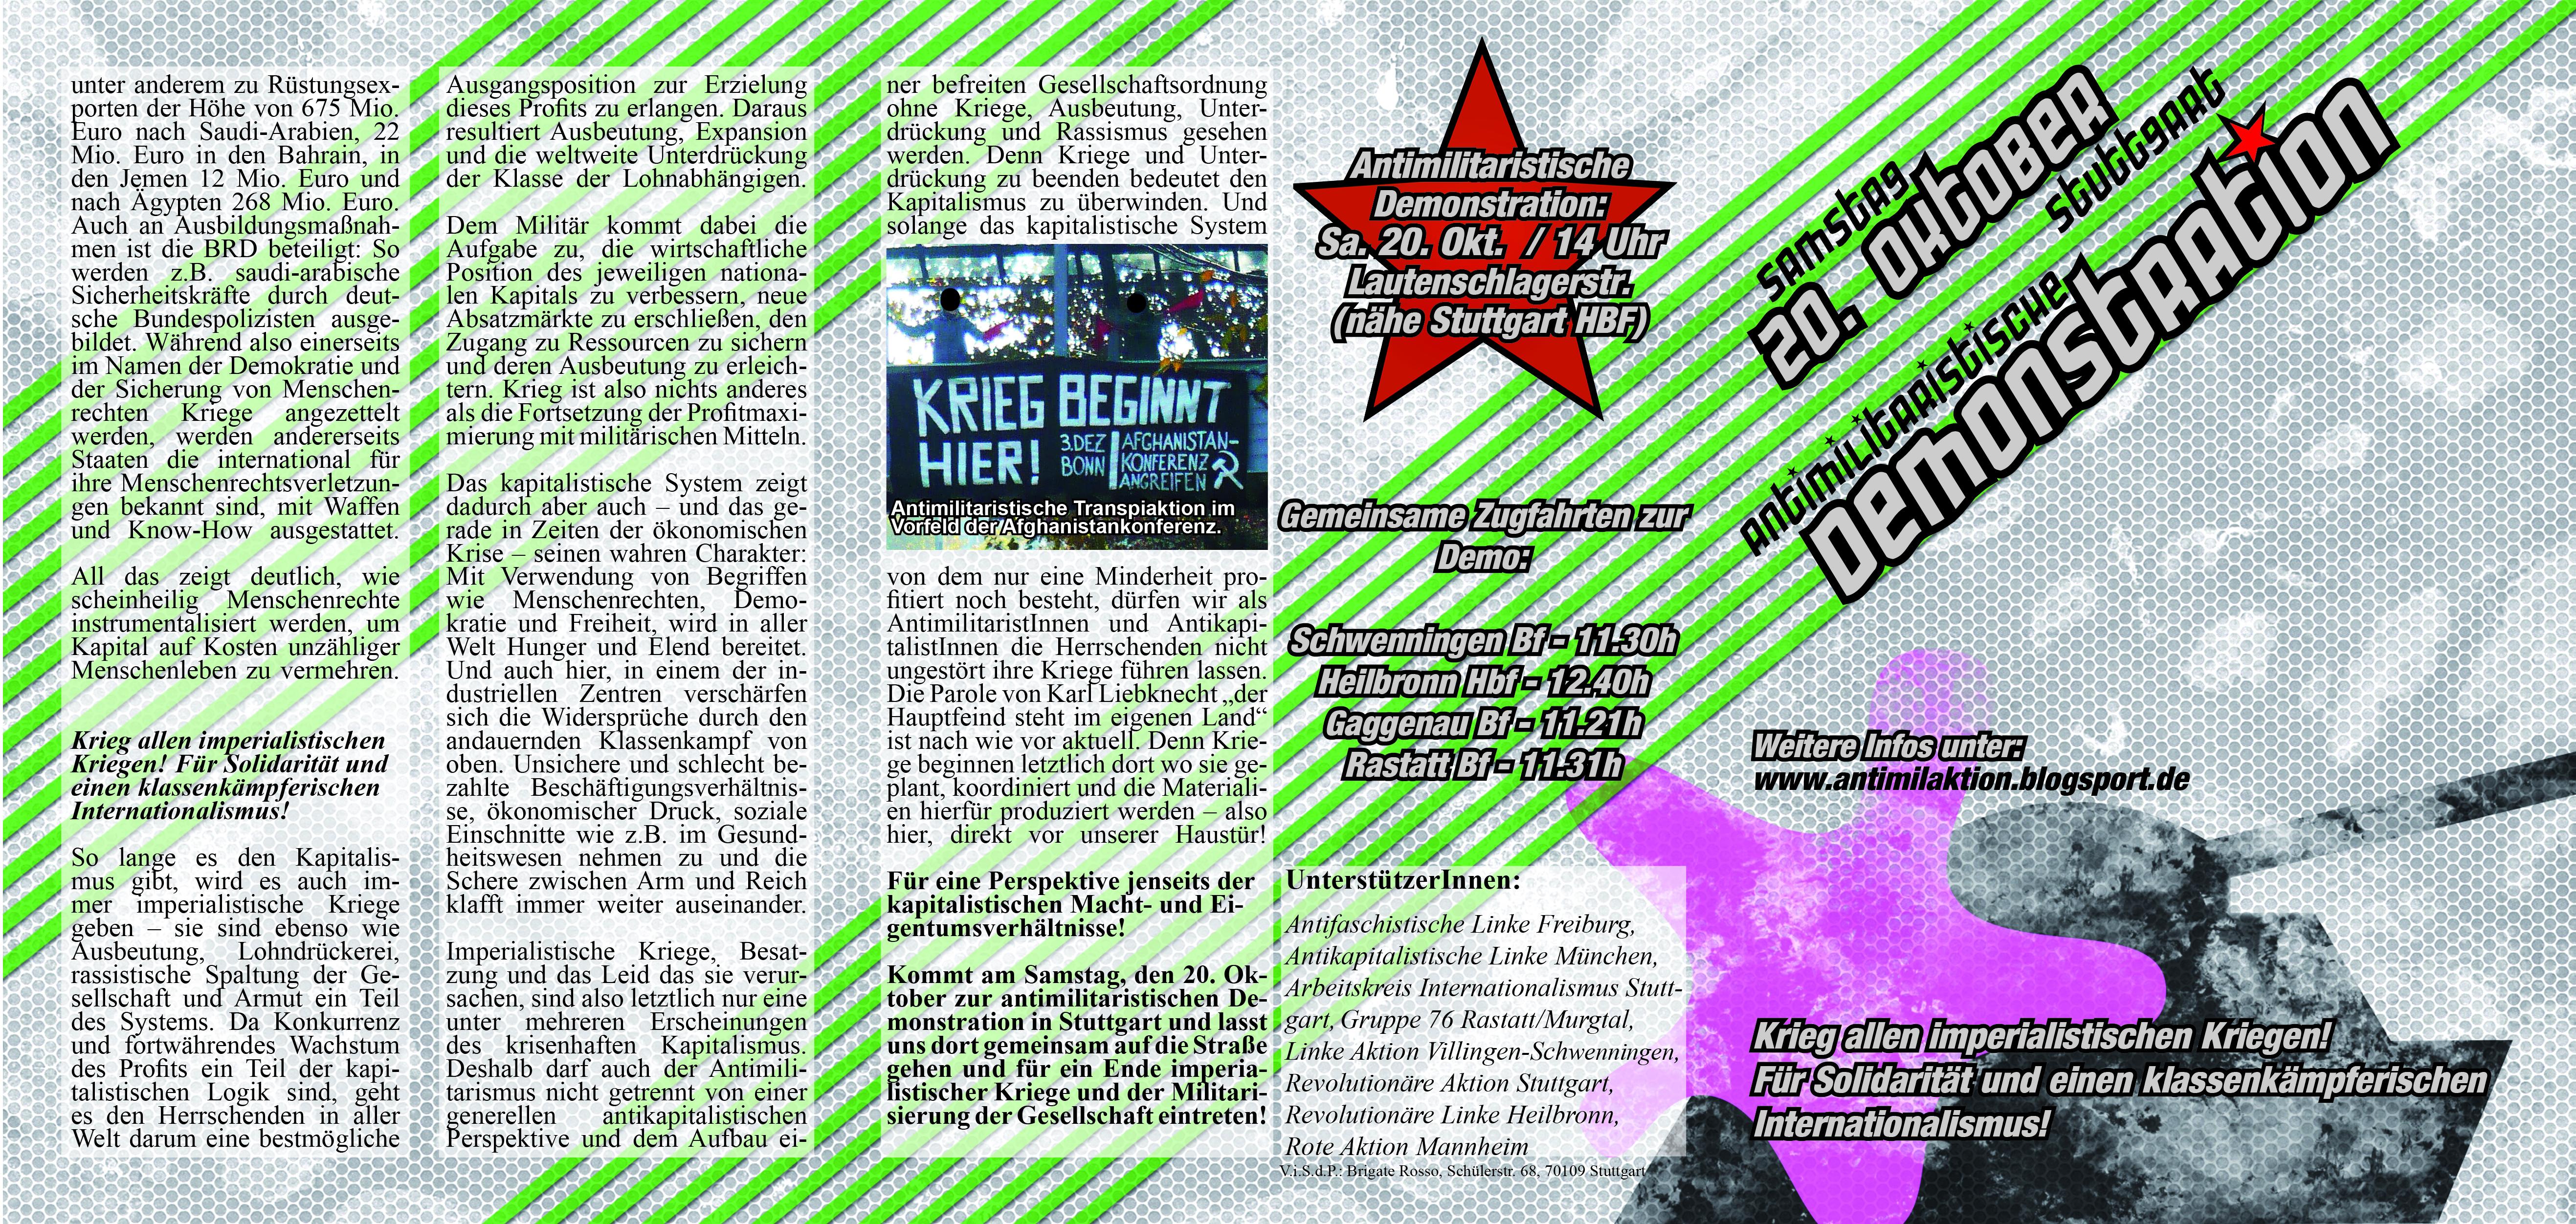 Flyer zur Demo am 20.10 Au�enseite